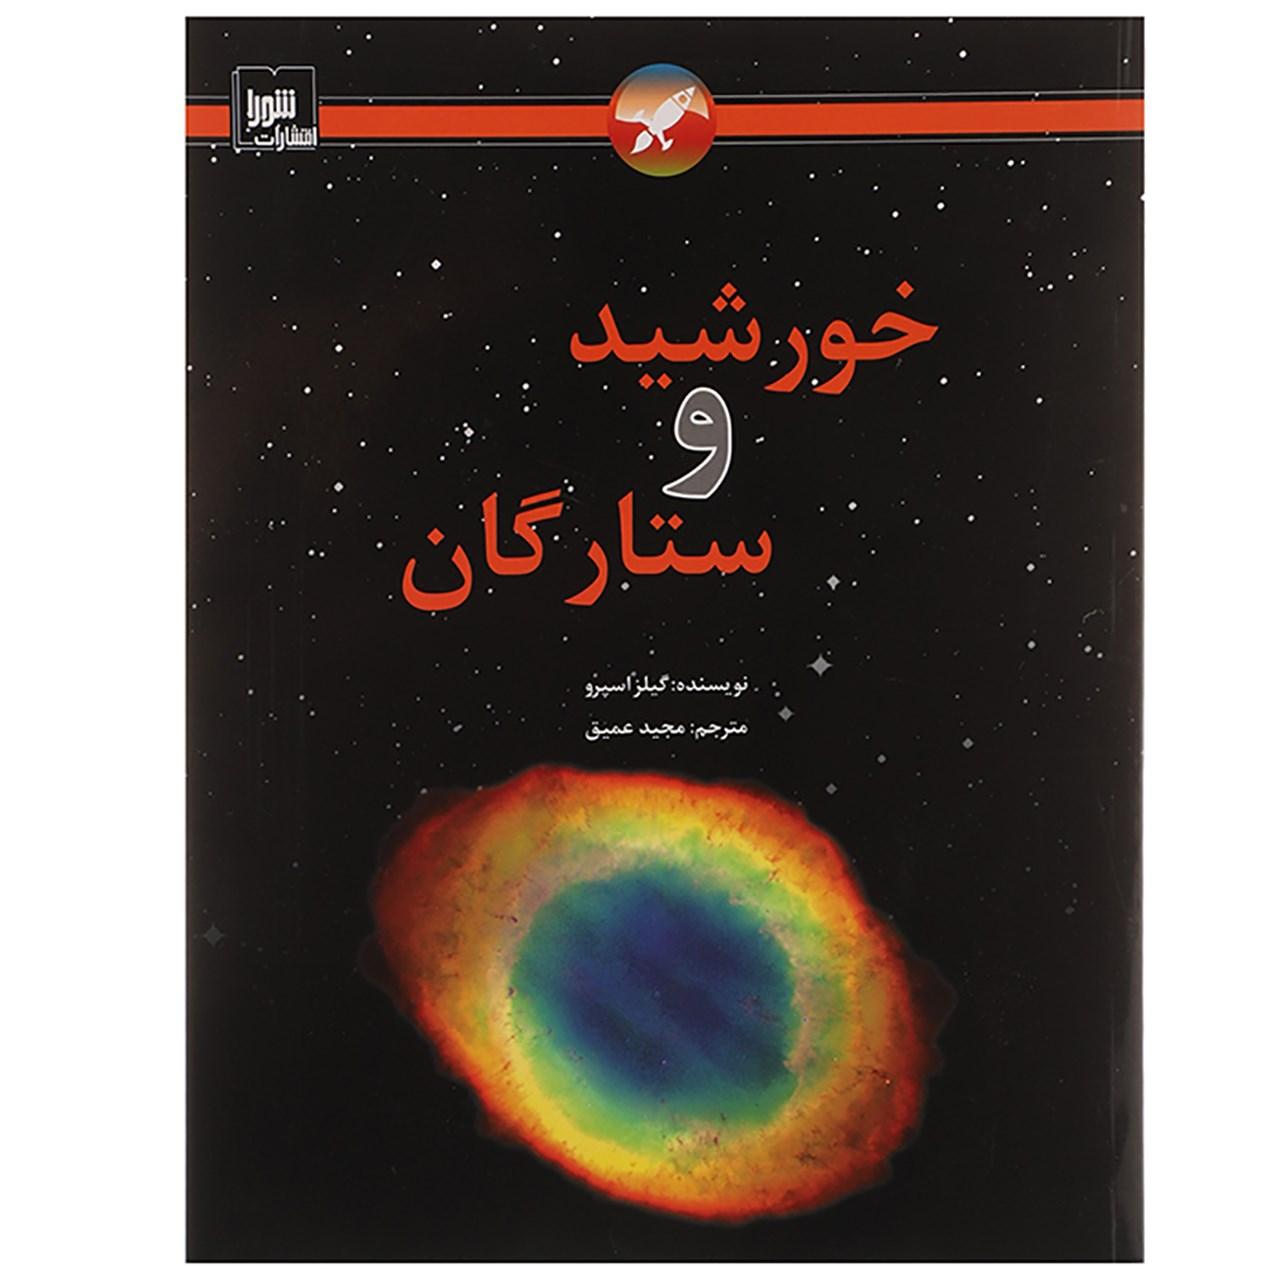 کتاب خورشید و ستارگان اثر گیلز اسپرو